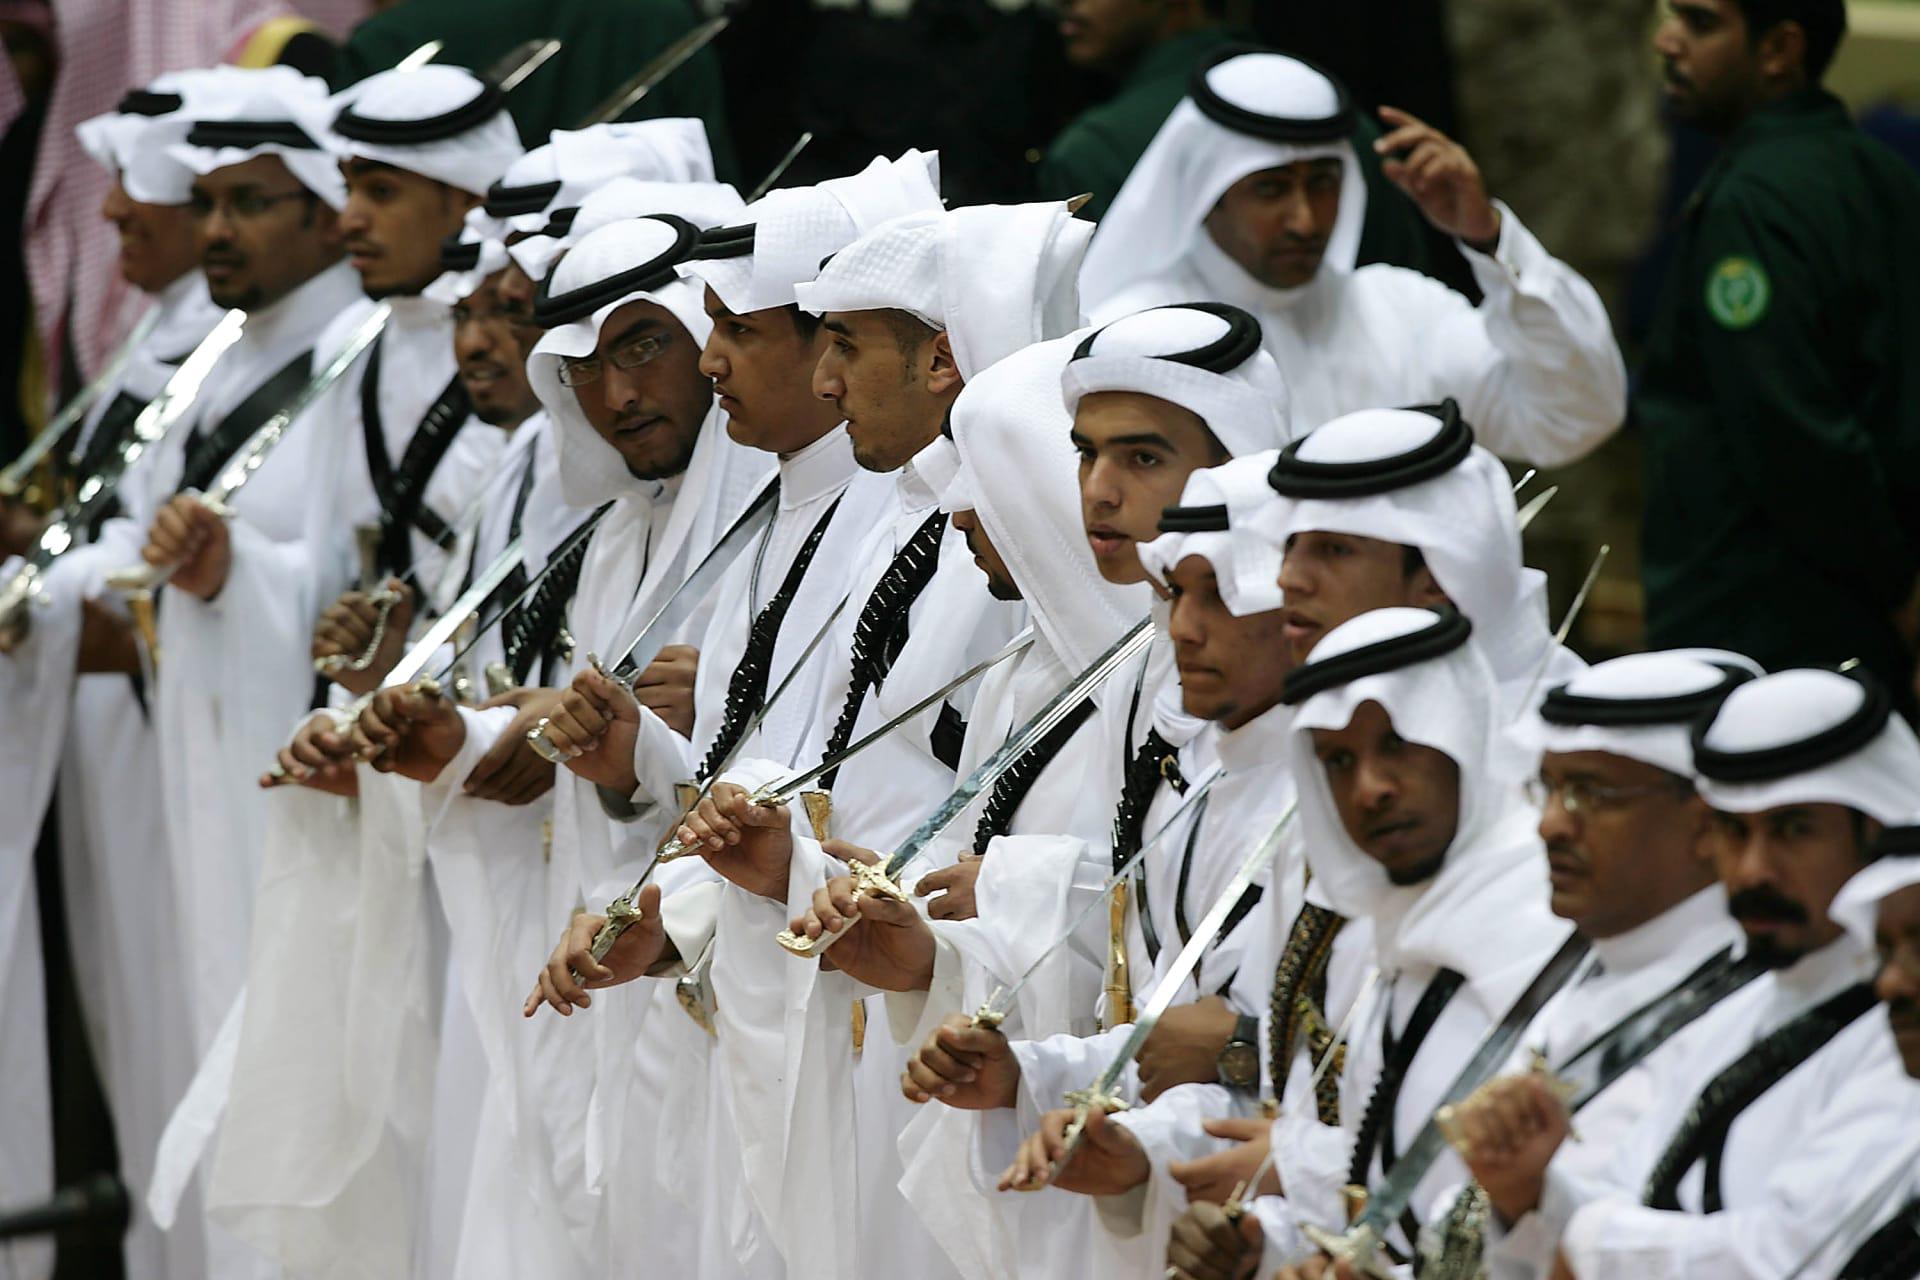 سعوديون يؤدون رقصة تقليدية خلال حفل أقيم في الرياض في 13 ديسمبر 2009